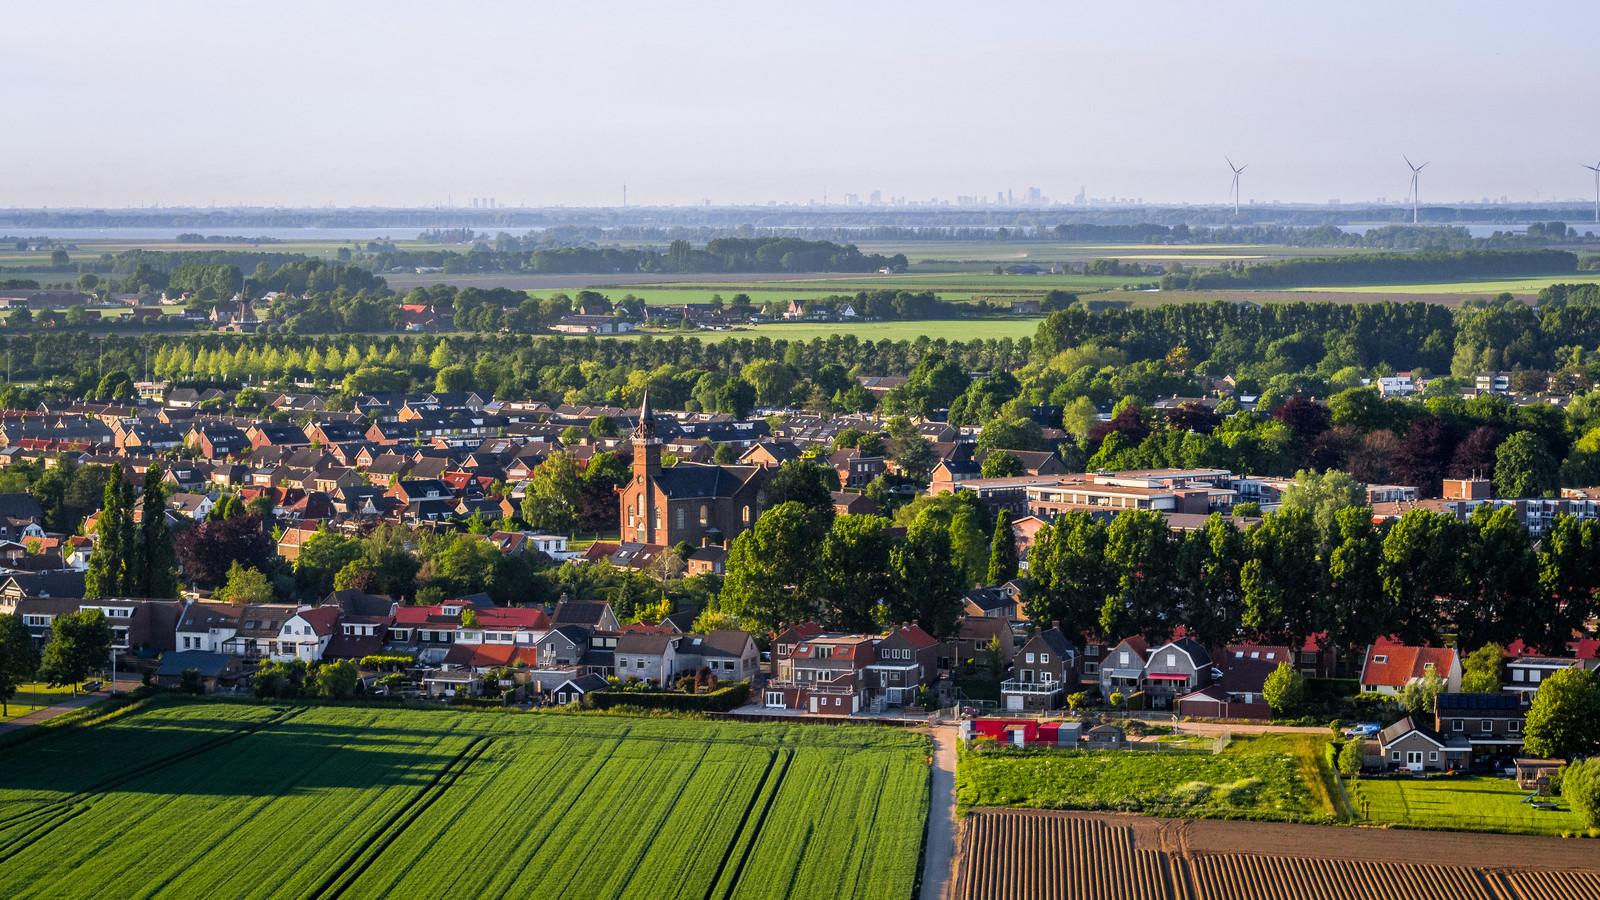 Luchtfoto van het dorp Fijnaart.